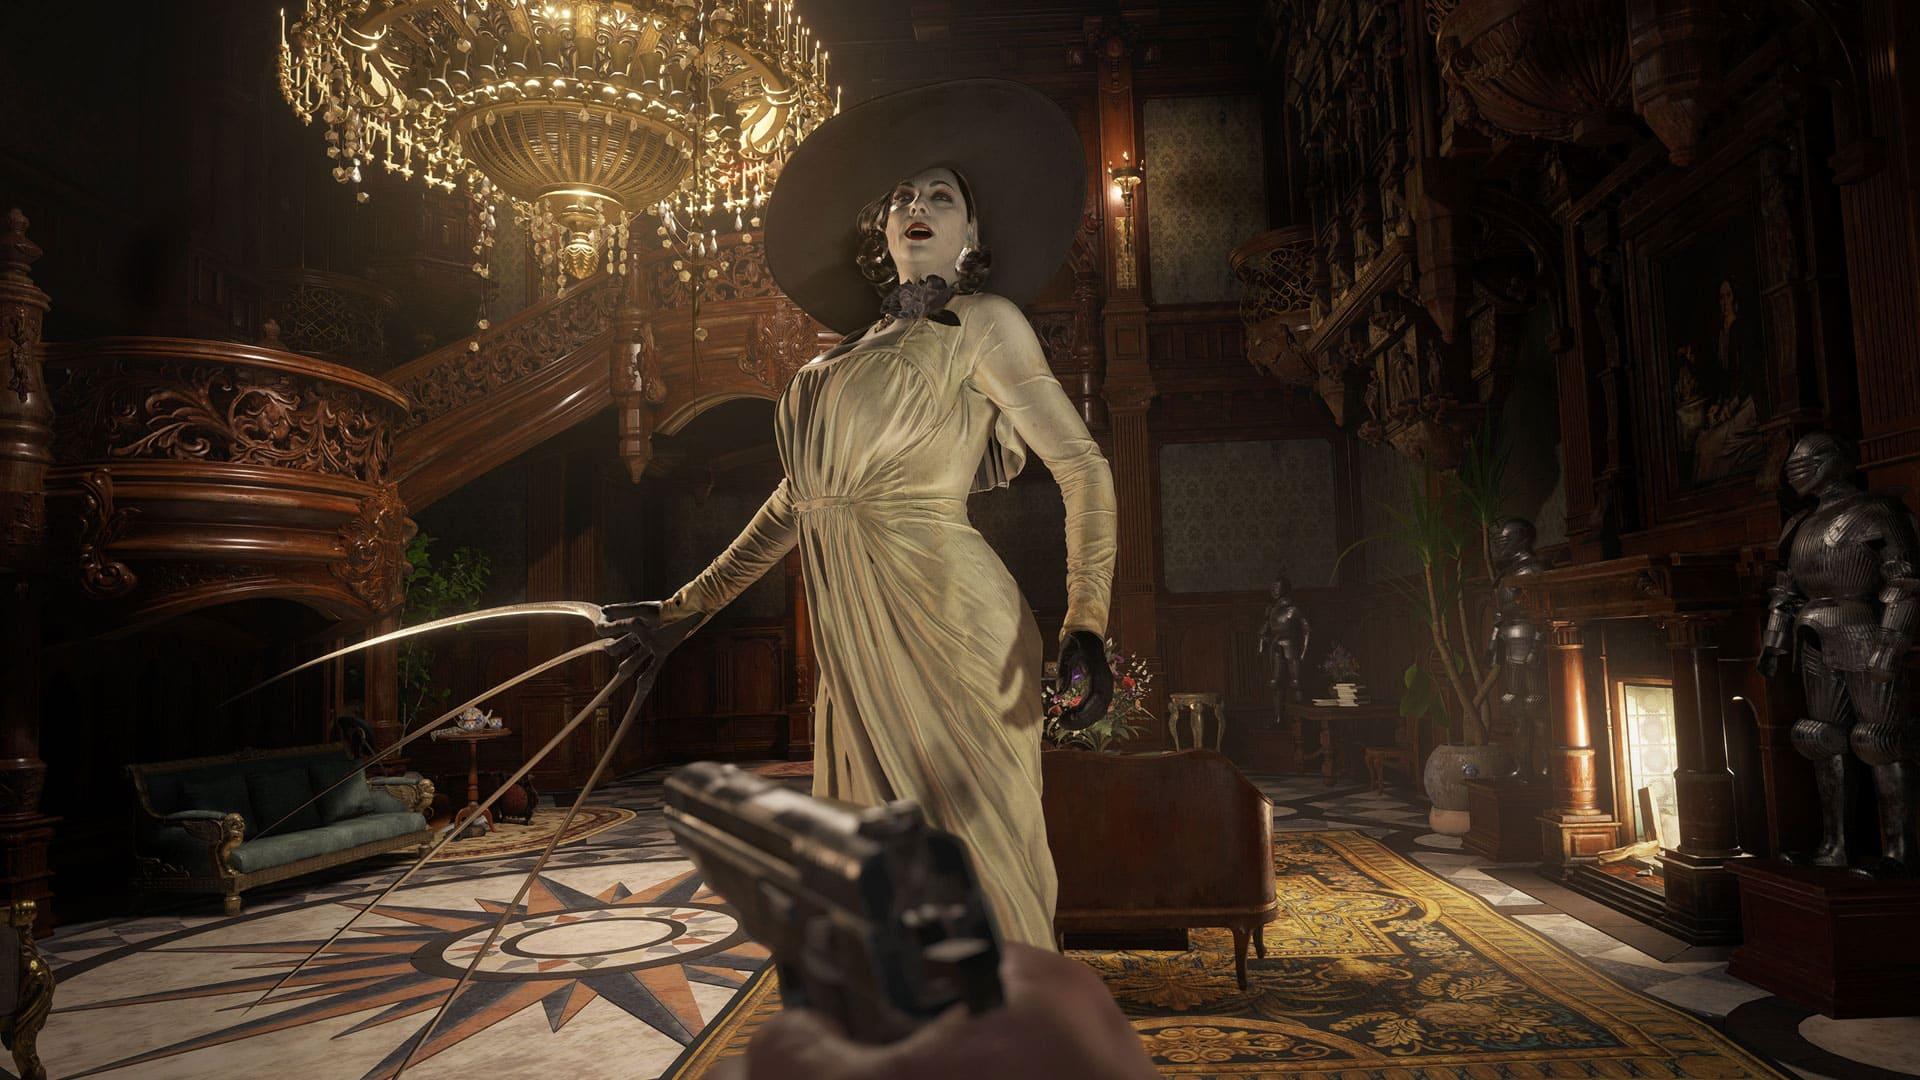 Imagem em primeira pessoa do jogo Resident Evil 8 Village com a vilã Lady Dimitrescu com grandes proporções em uma área interna decorada e com um grande lustre